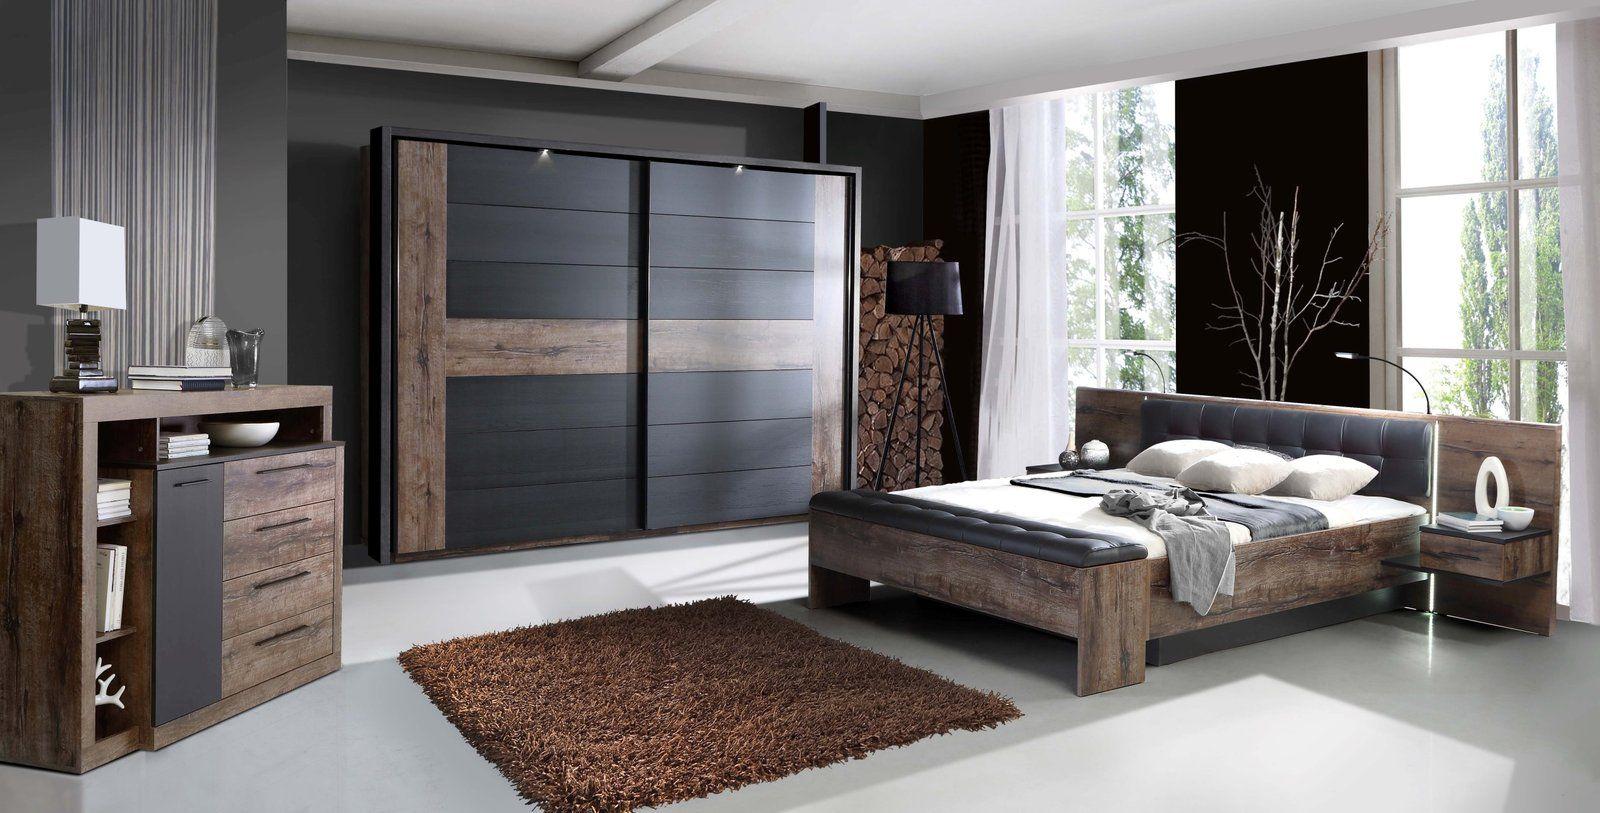 Bettbank BELLEVUE - Schlammeiche-Schwarzeiche - 185 cm | Home Decor ...